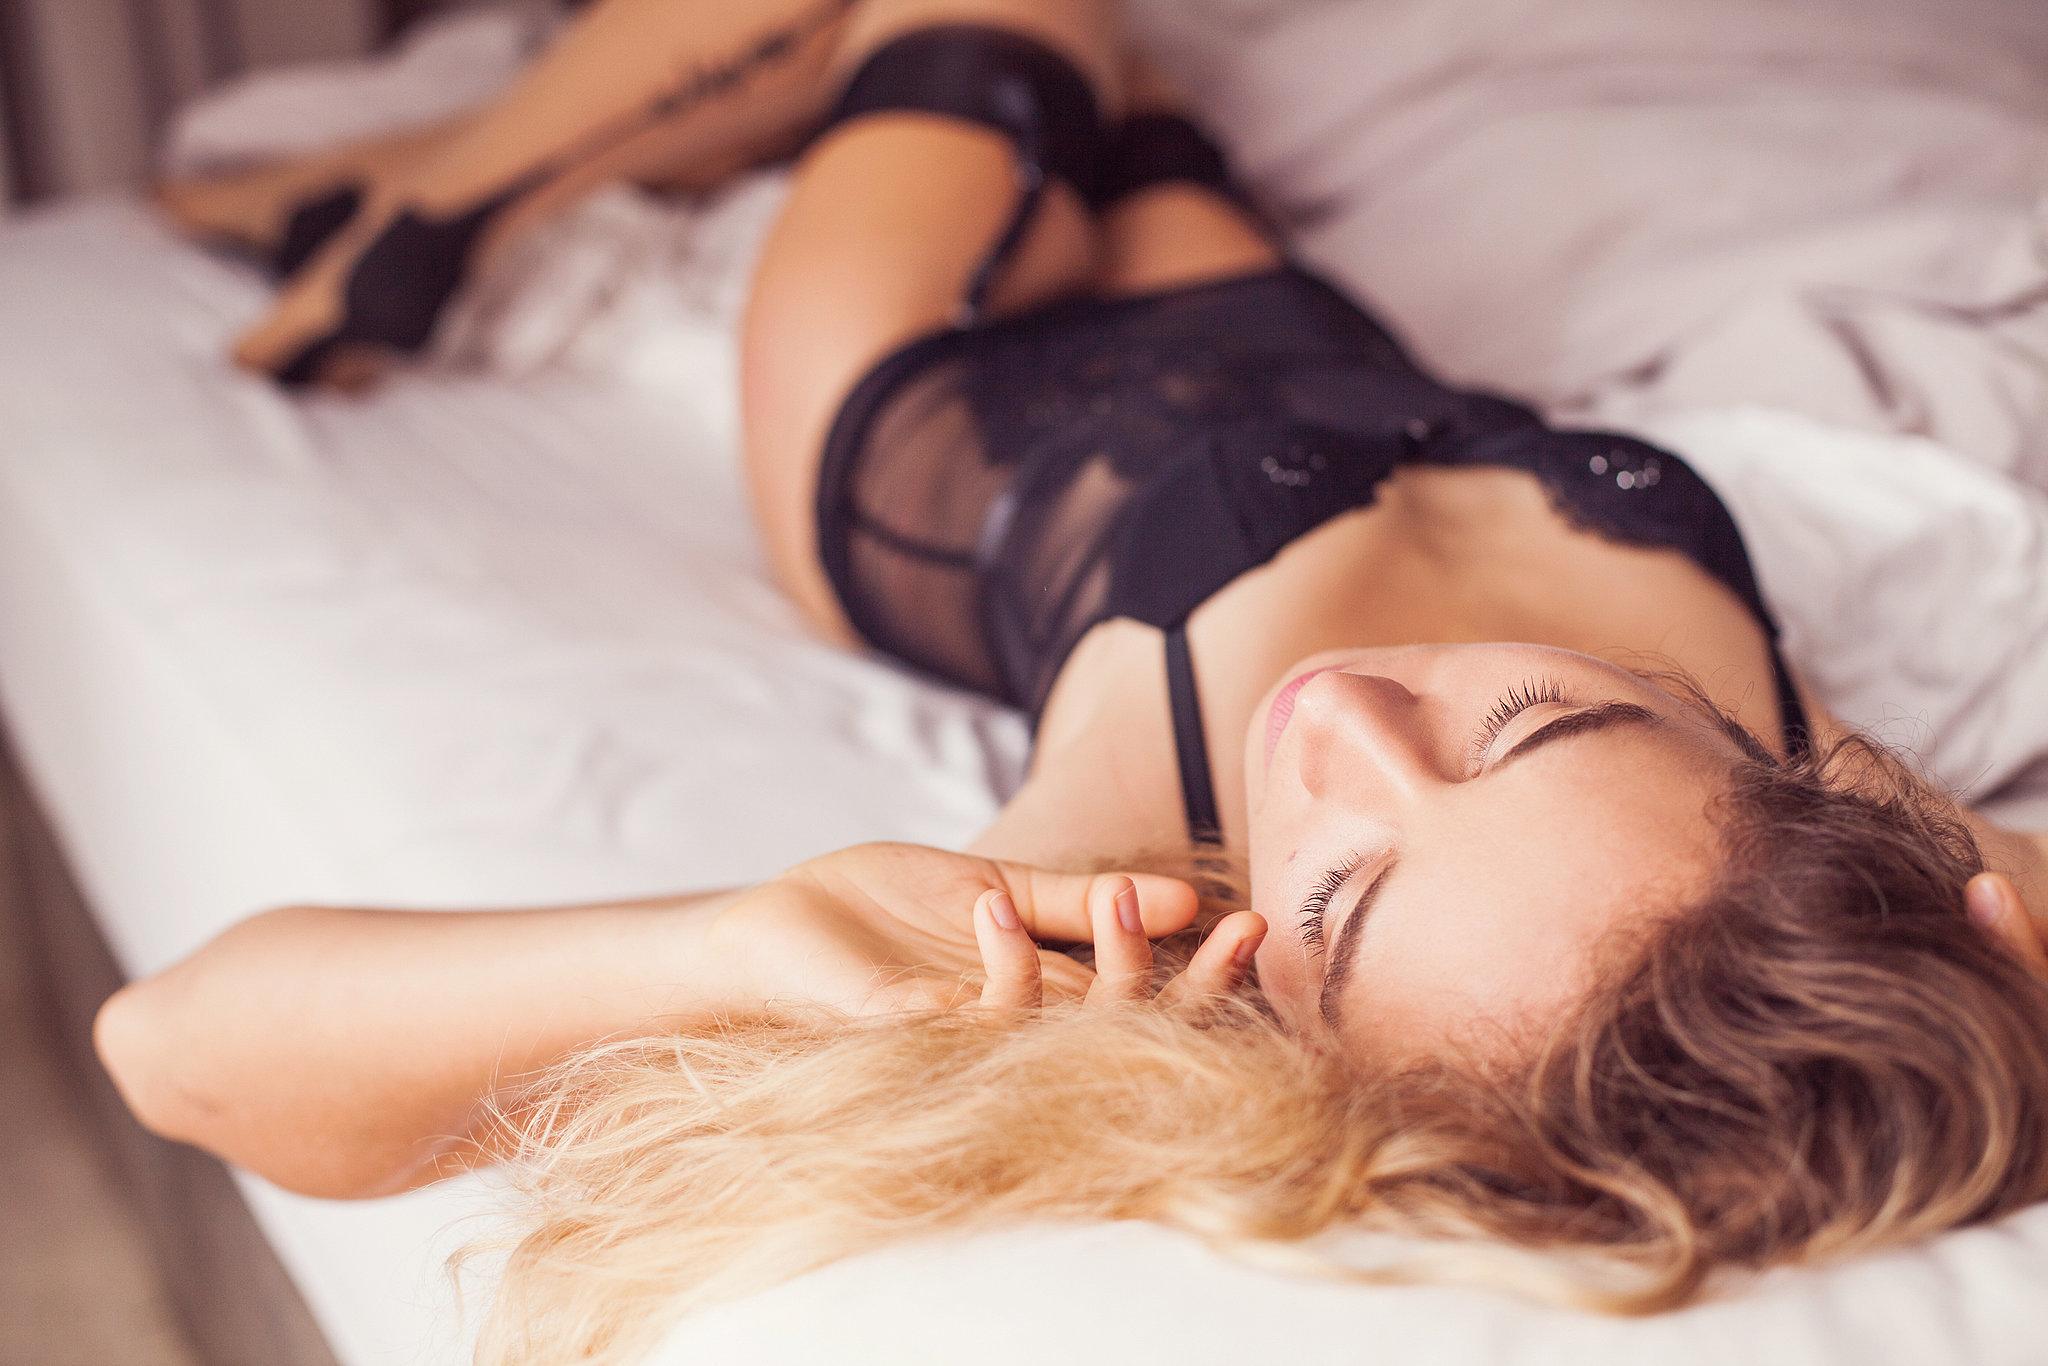 Фото оргазма девочек, Оргазм от красивых голых девушек на фото 17 фотография